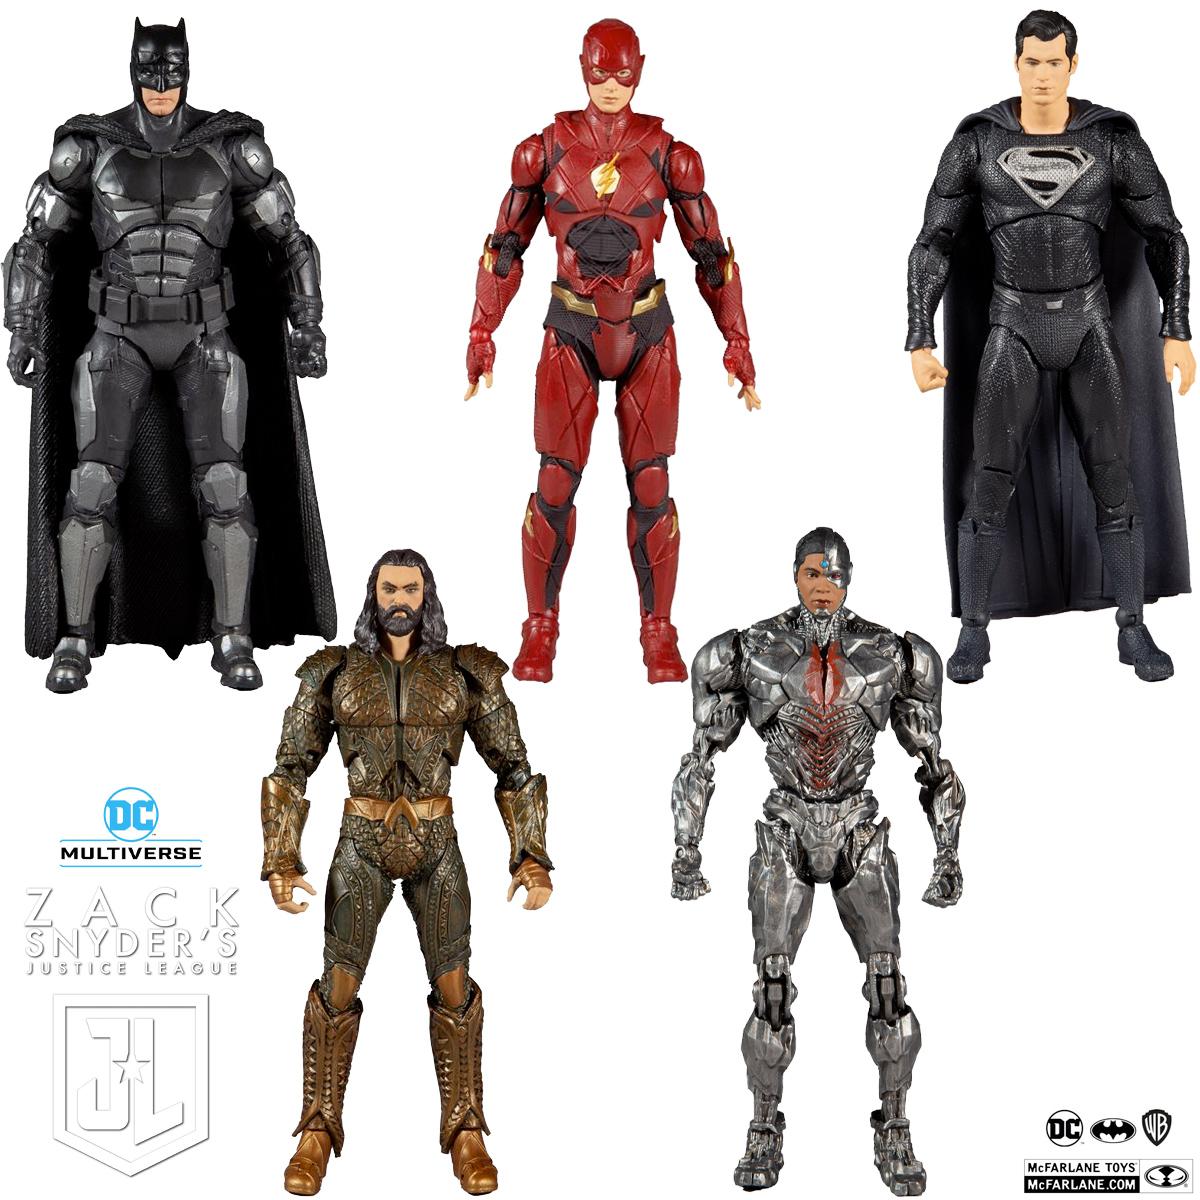 Super-Heróis da Liga da Justiça de Zack Snyder - Action Figures 7